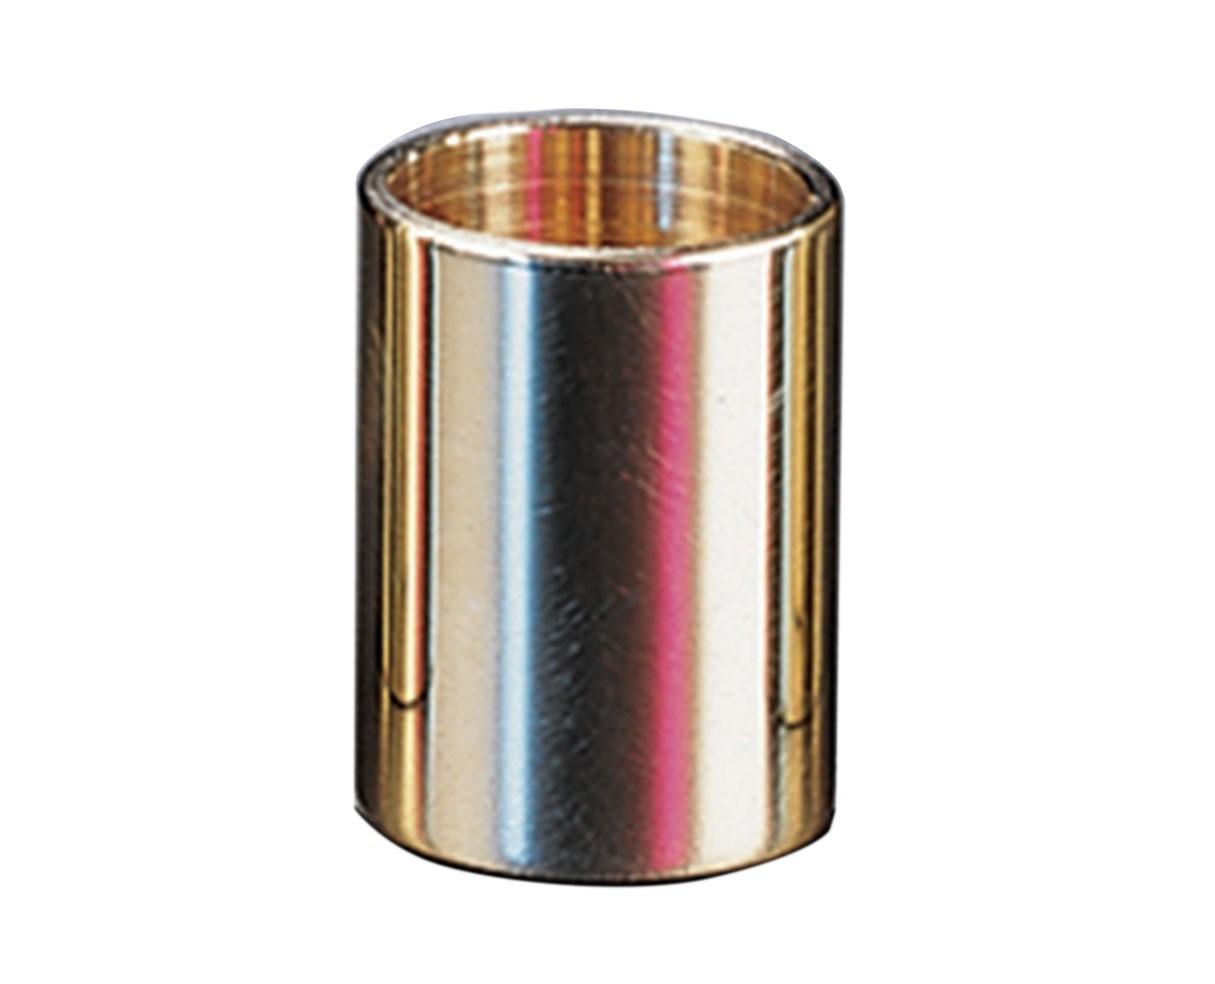 Dunlop 222 Brass Slide - Medium